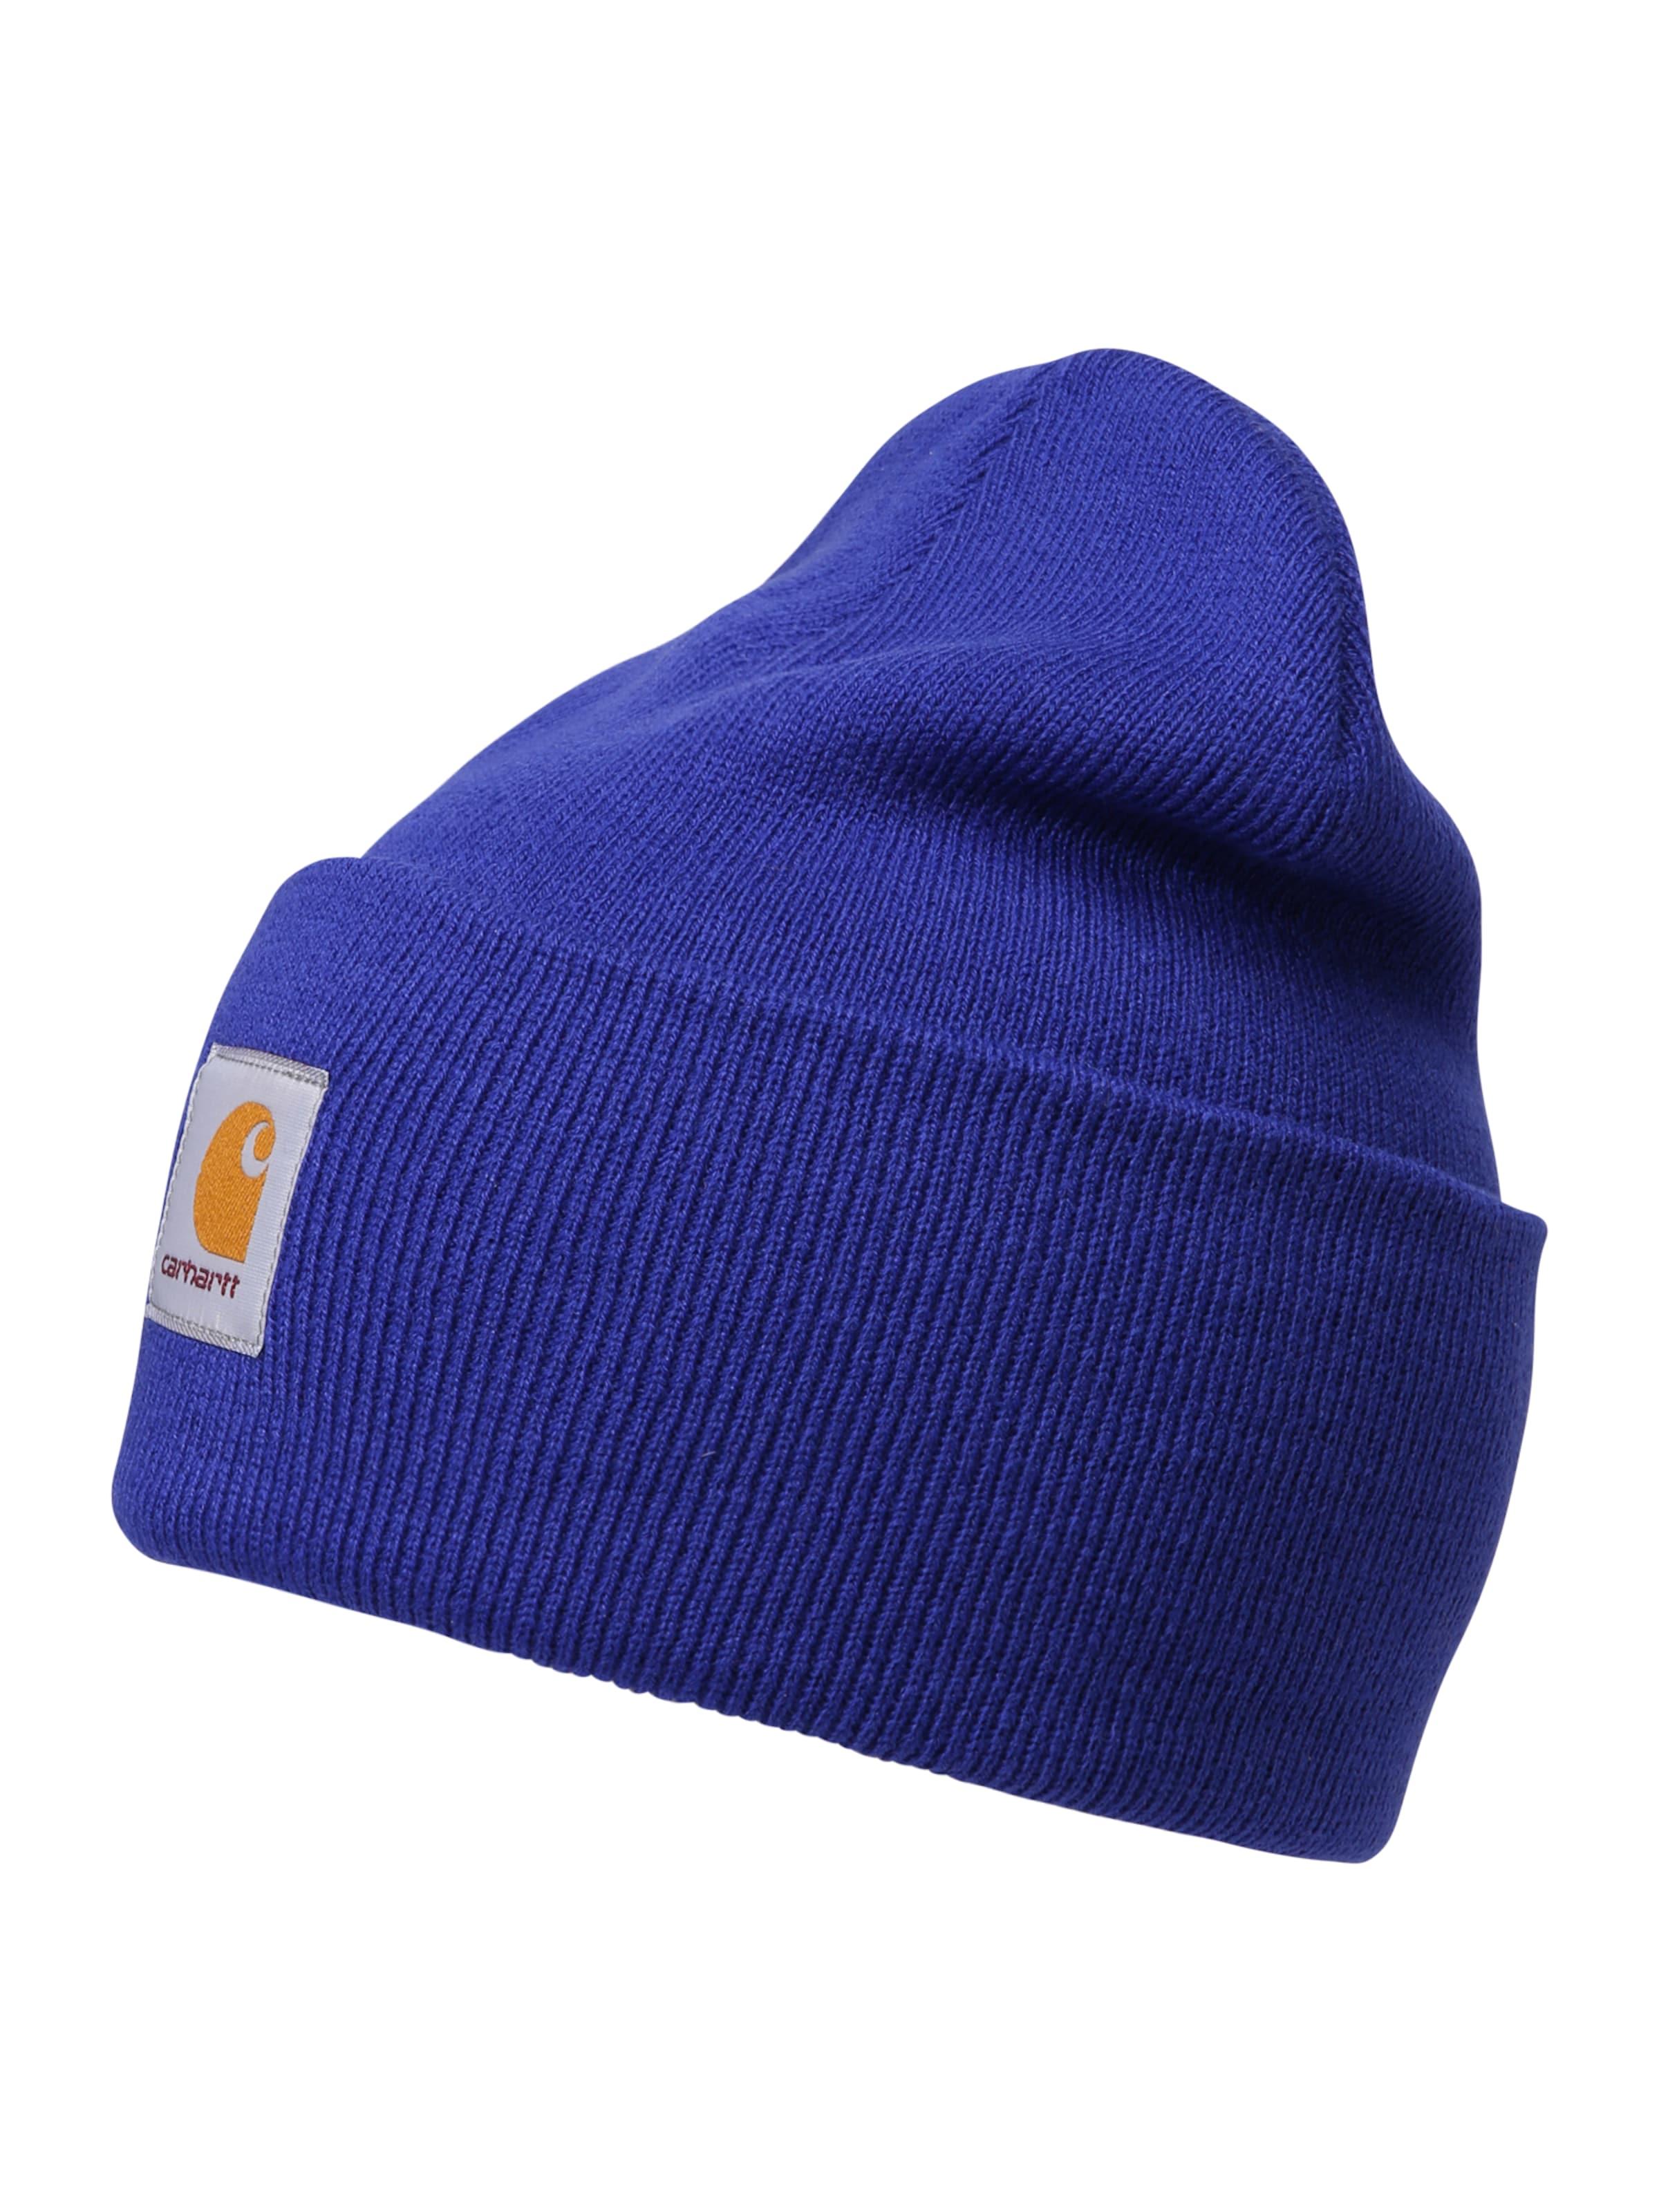 Watch Carhartt Blau In Mütze Wip 'acrylic Hat' EDHeW9IY2